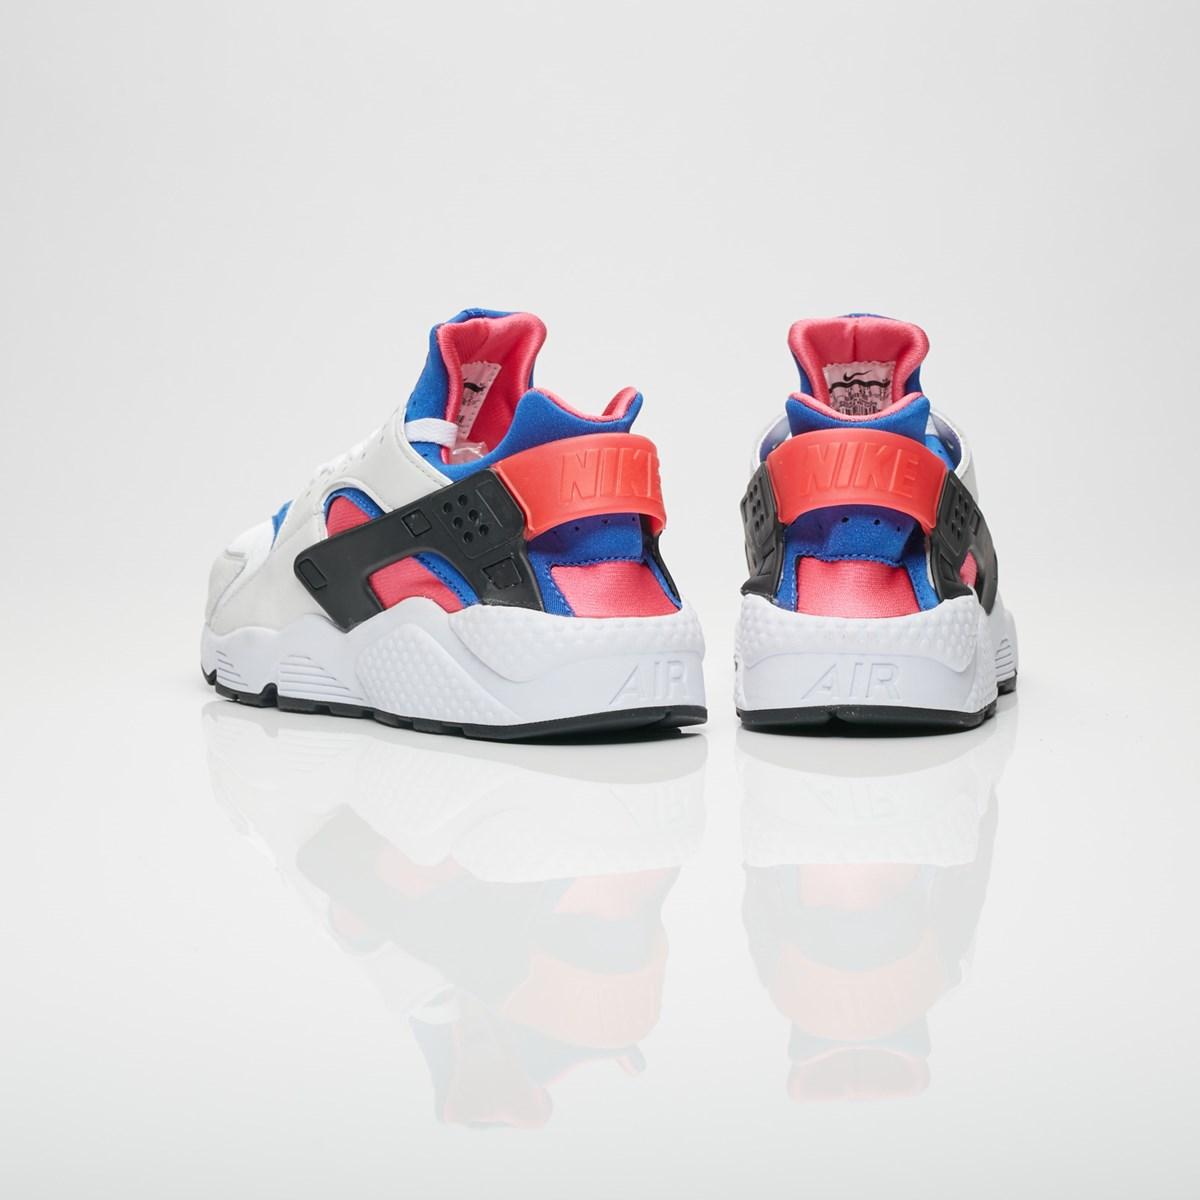 bdd4480cc73b0 Nike Air Huarache Run 91 QS - Ah8049-100 - Sneakersnstuff